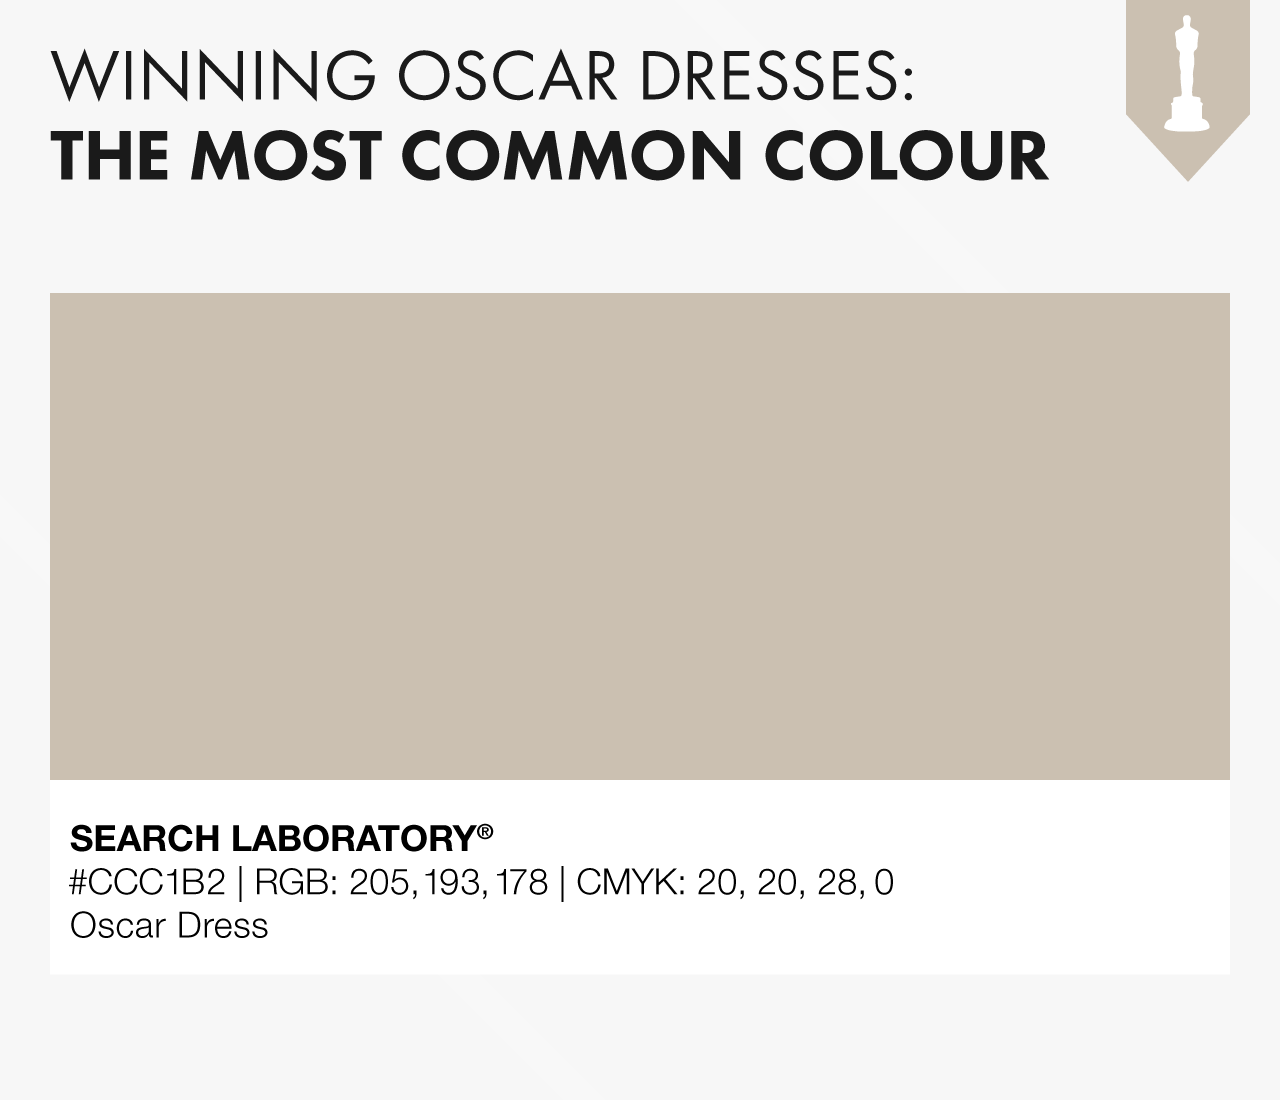 Oscars-Dress-Colour